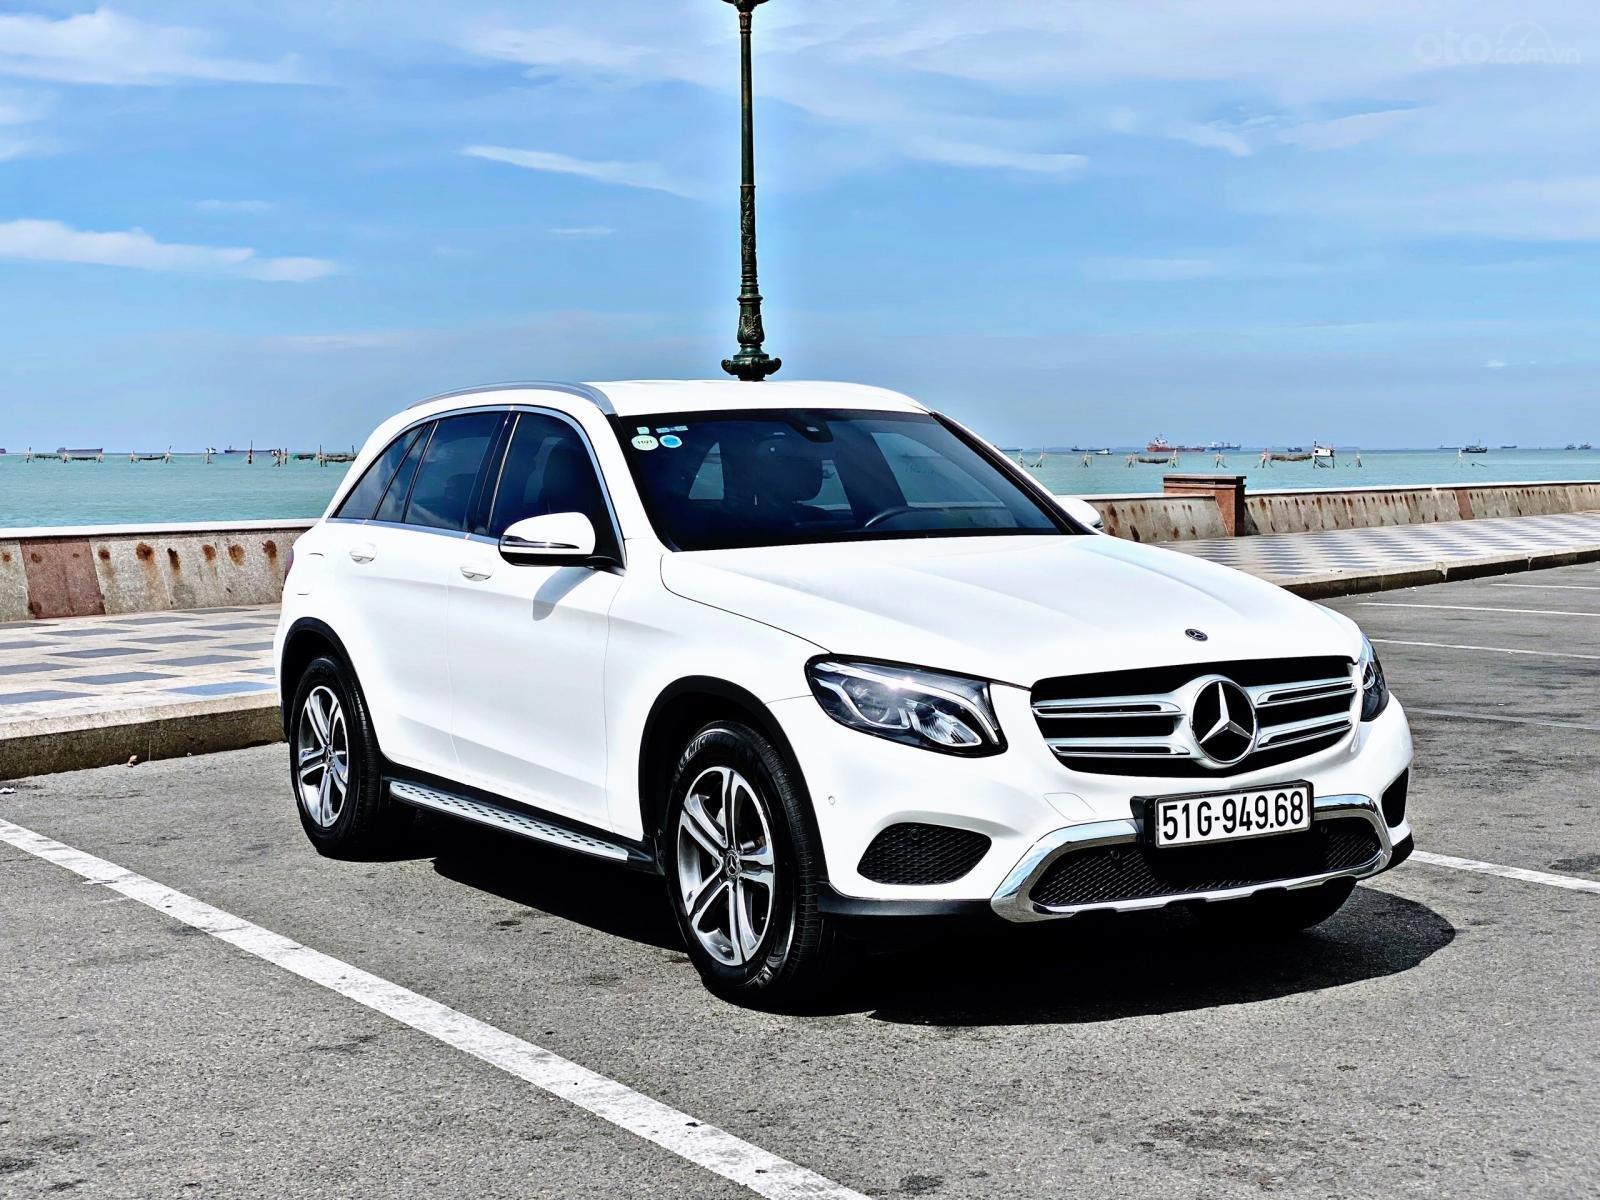 Mercedes GLC 200 sản xuất 2019 màu trắng (1)